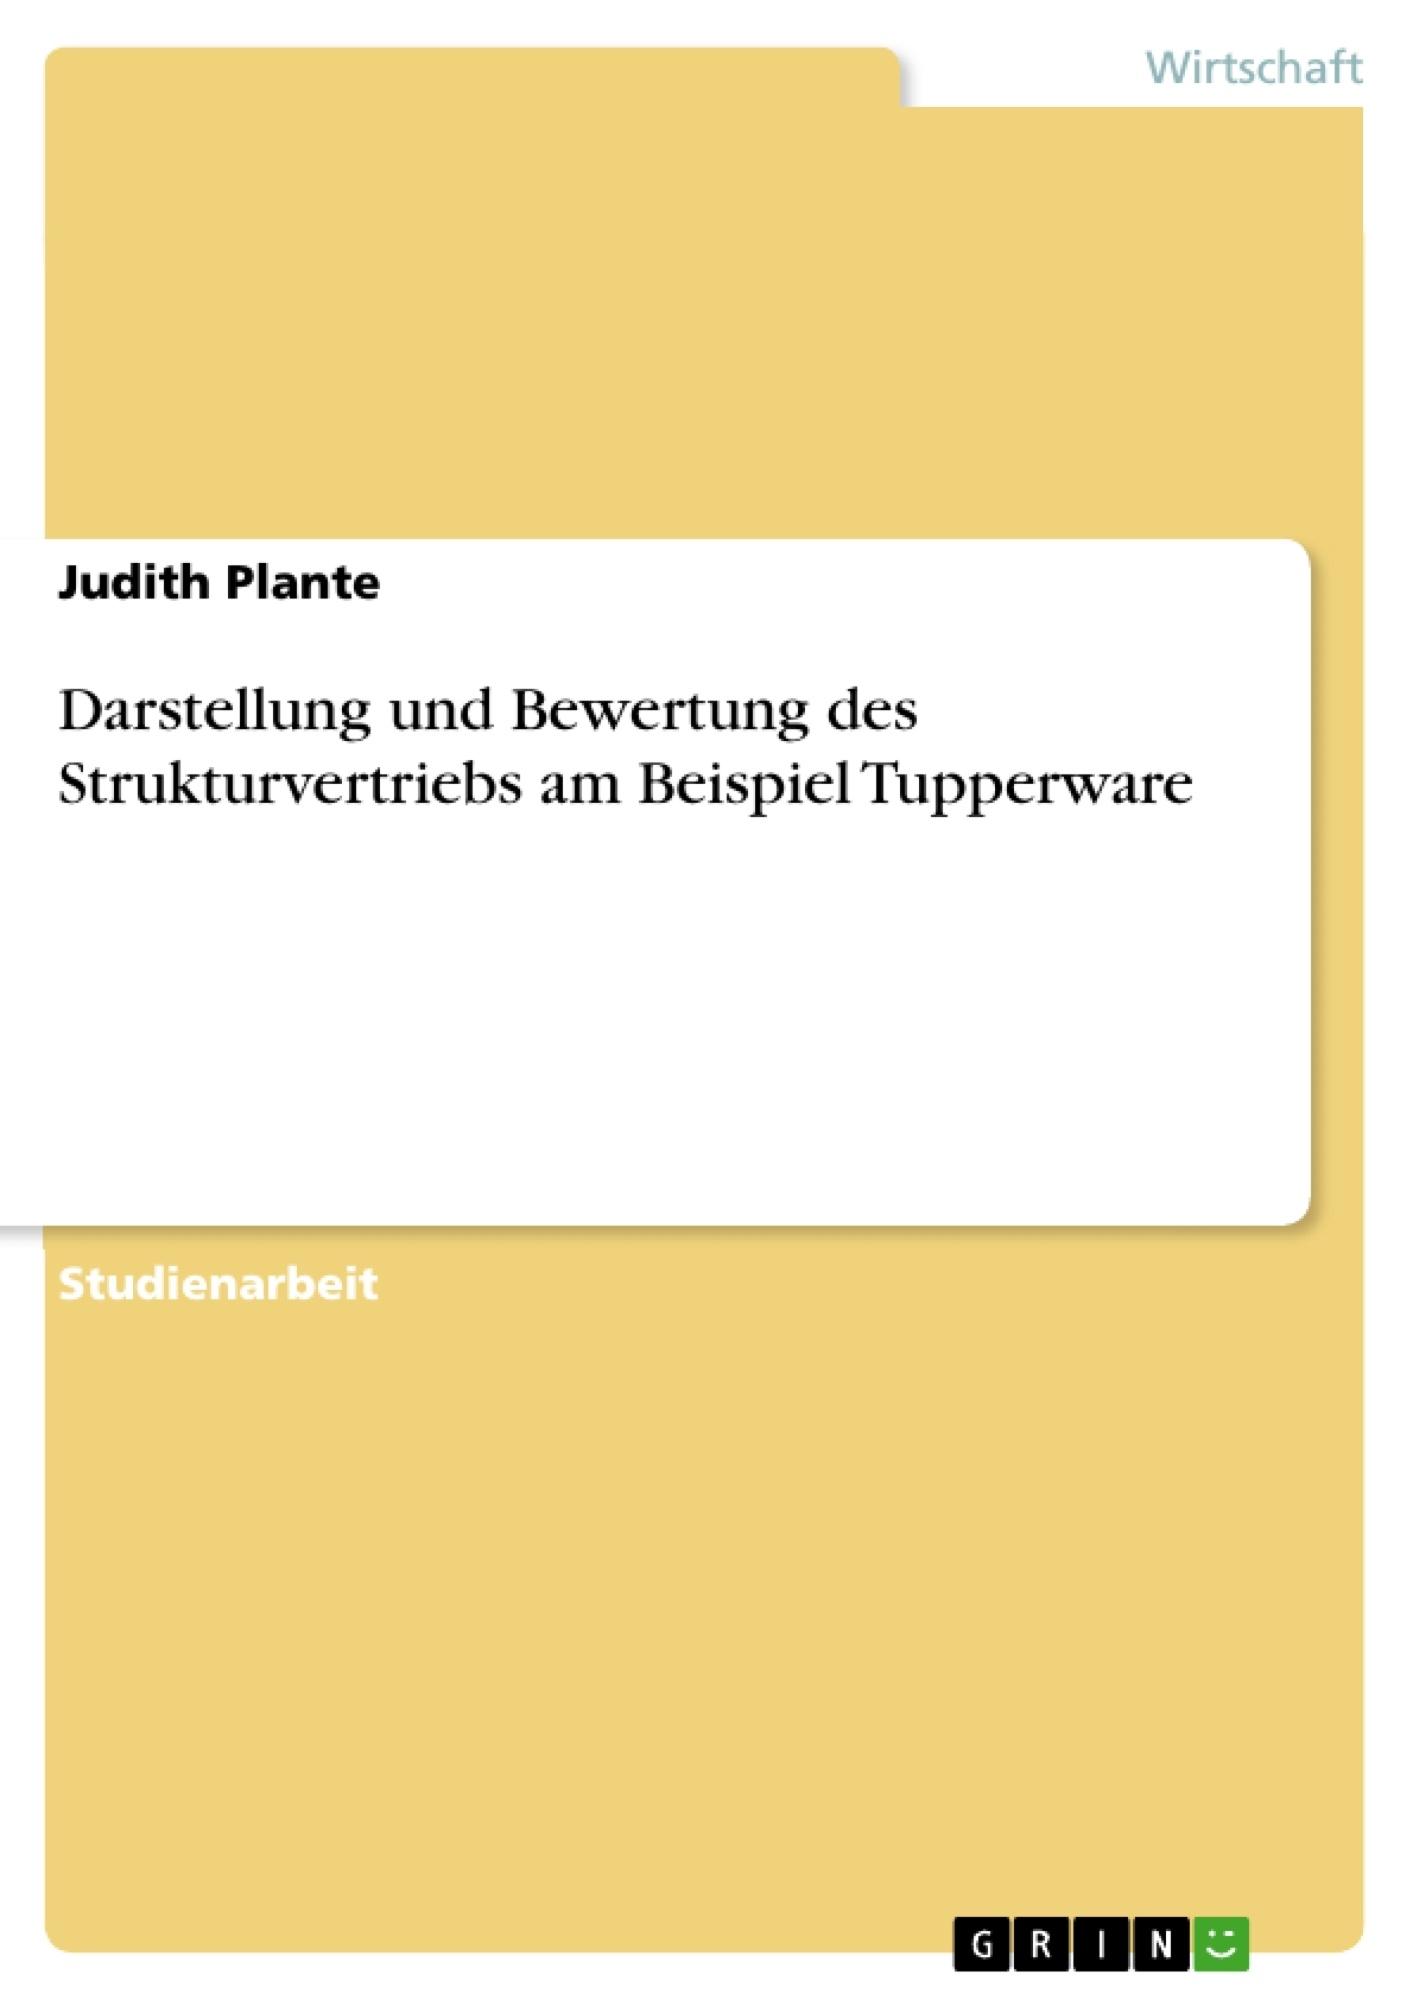 Titel: Darstellung und Bewertung des Strukturvertriebs am Beispiel Tupperware